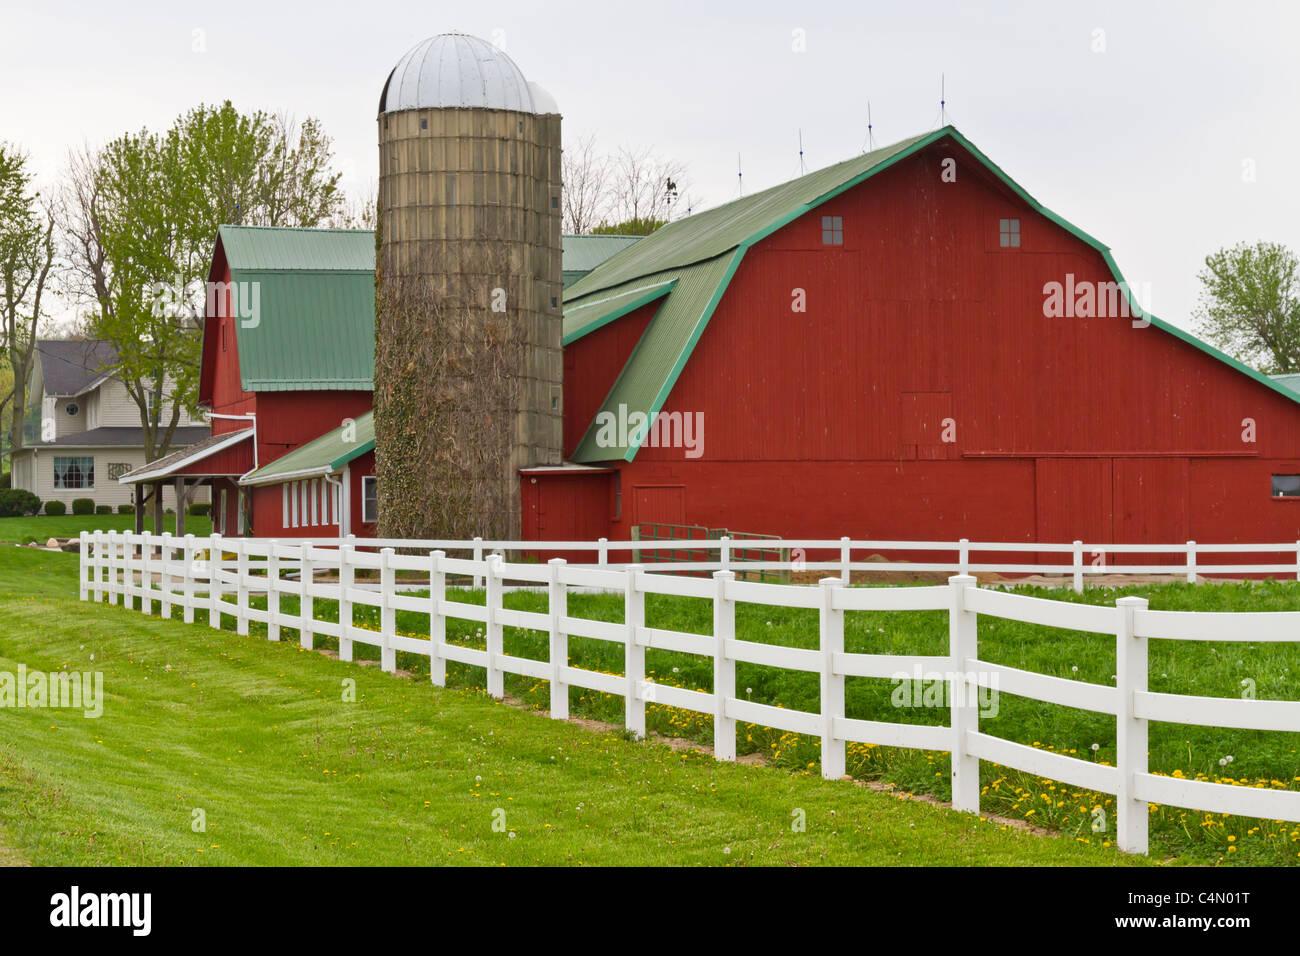 Un caseificio rosso fienile con recinto bianco in Middlebury, Indiana, Stati Uniti d'America. Immagini Stock